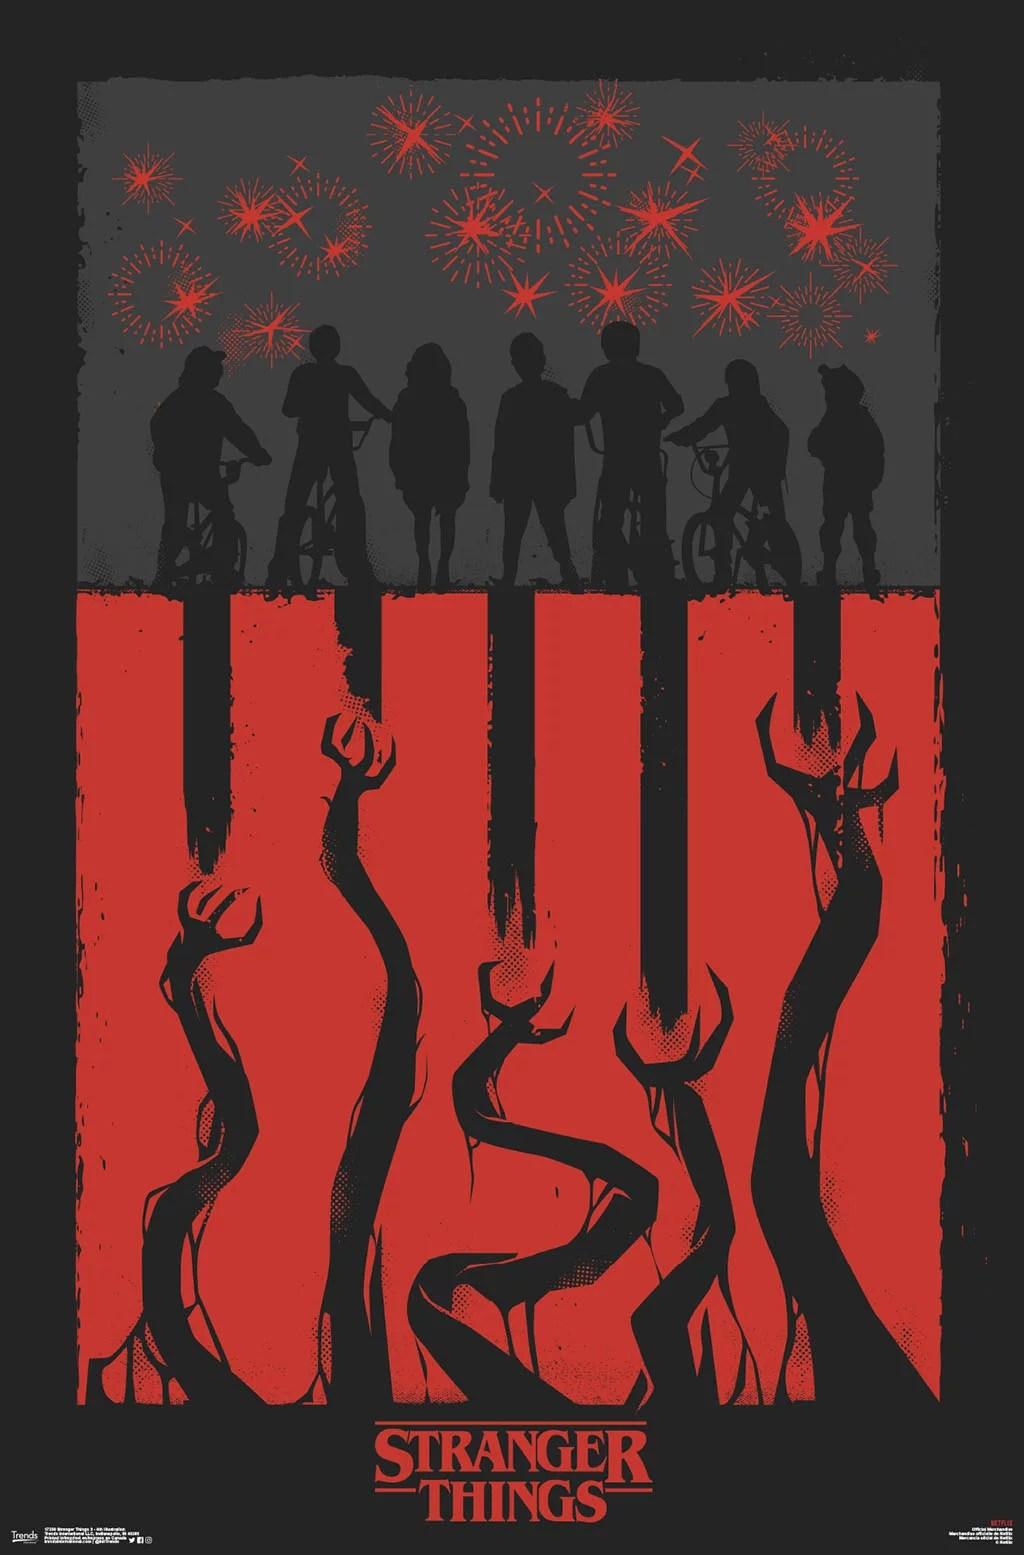 stranger things 3 4th illustration poster